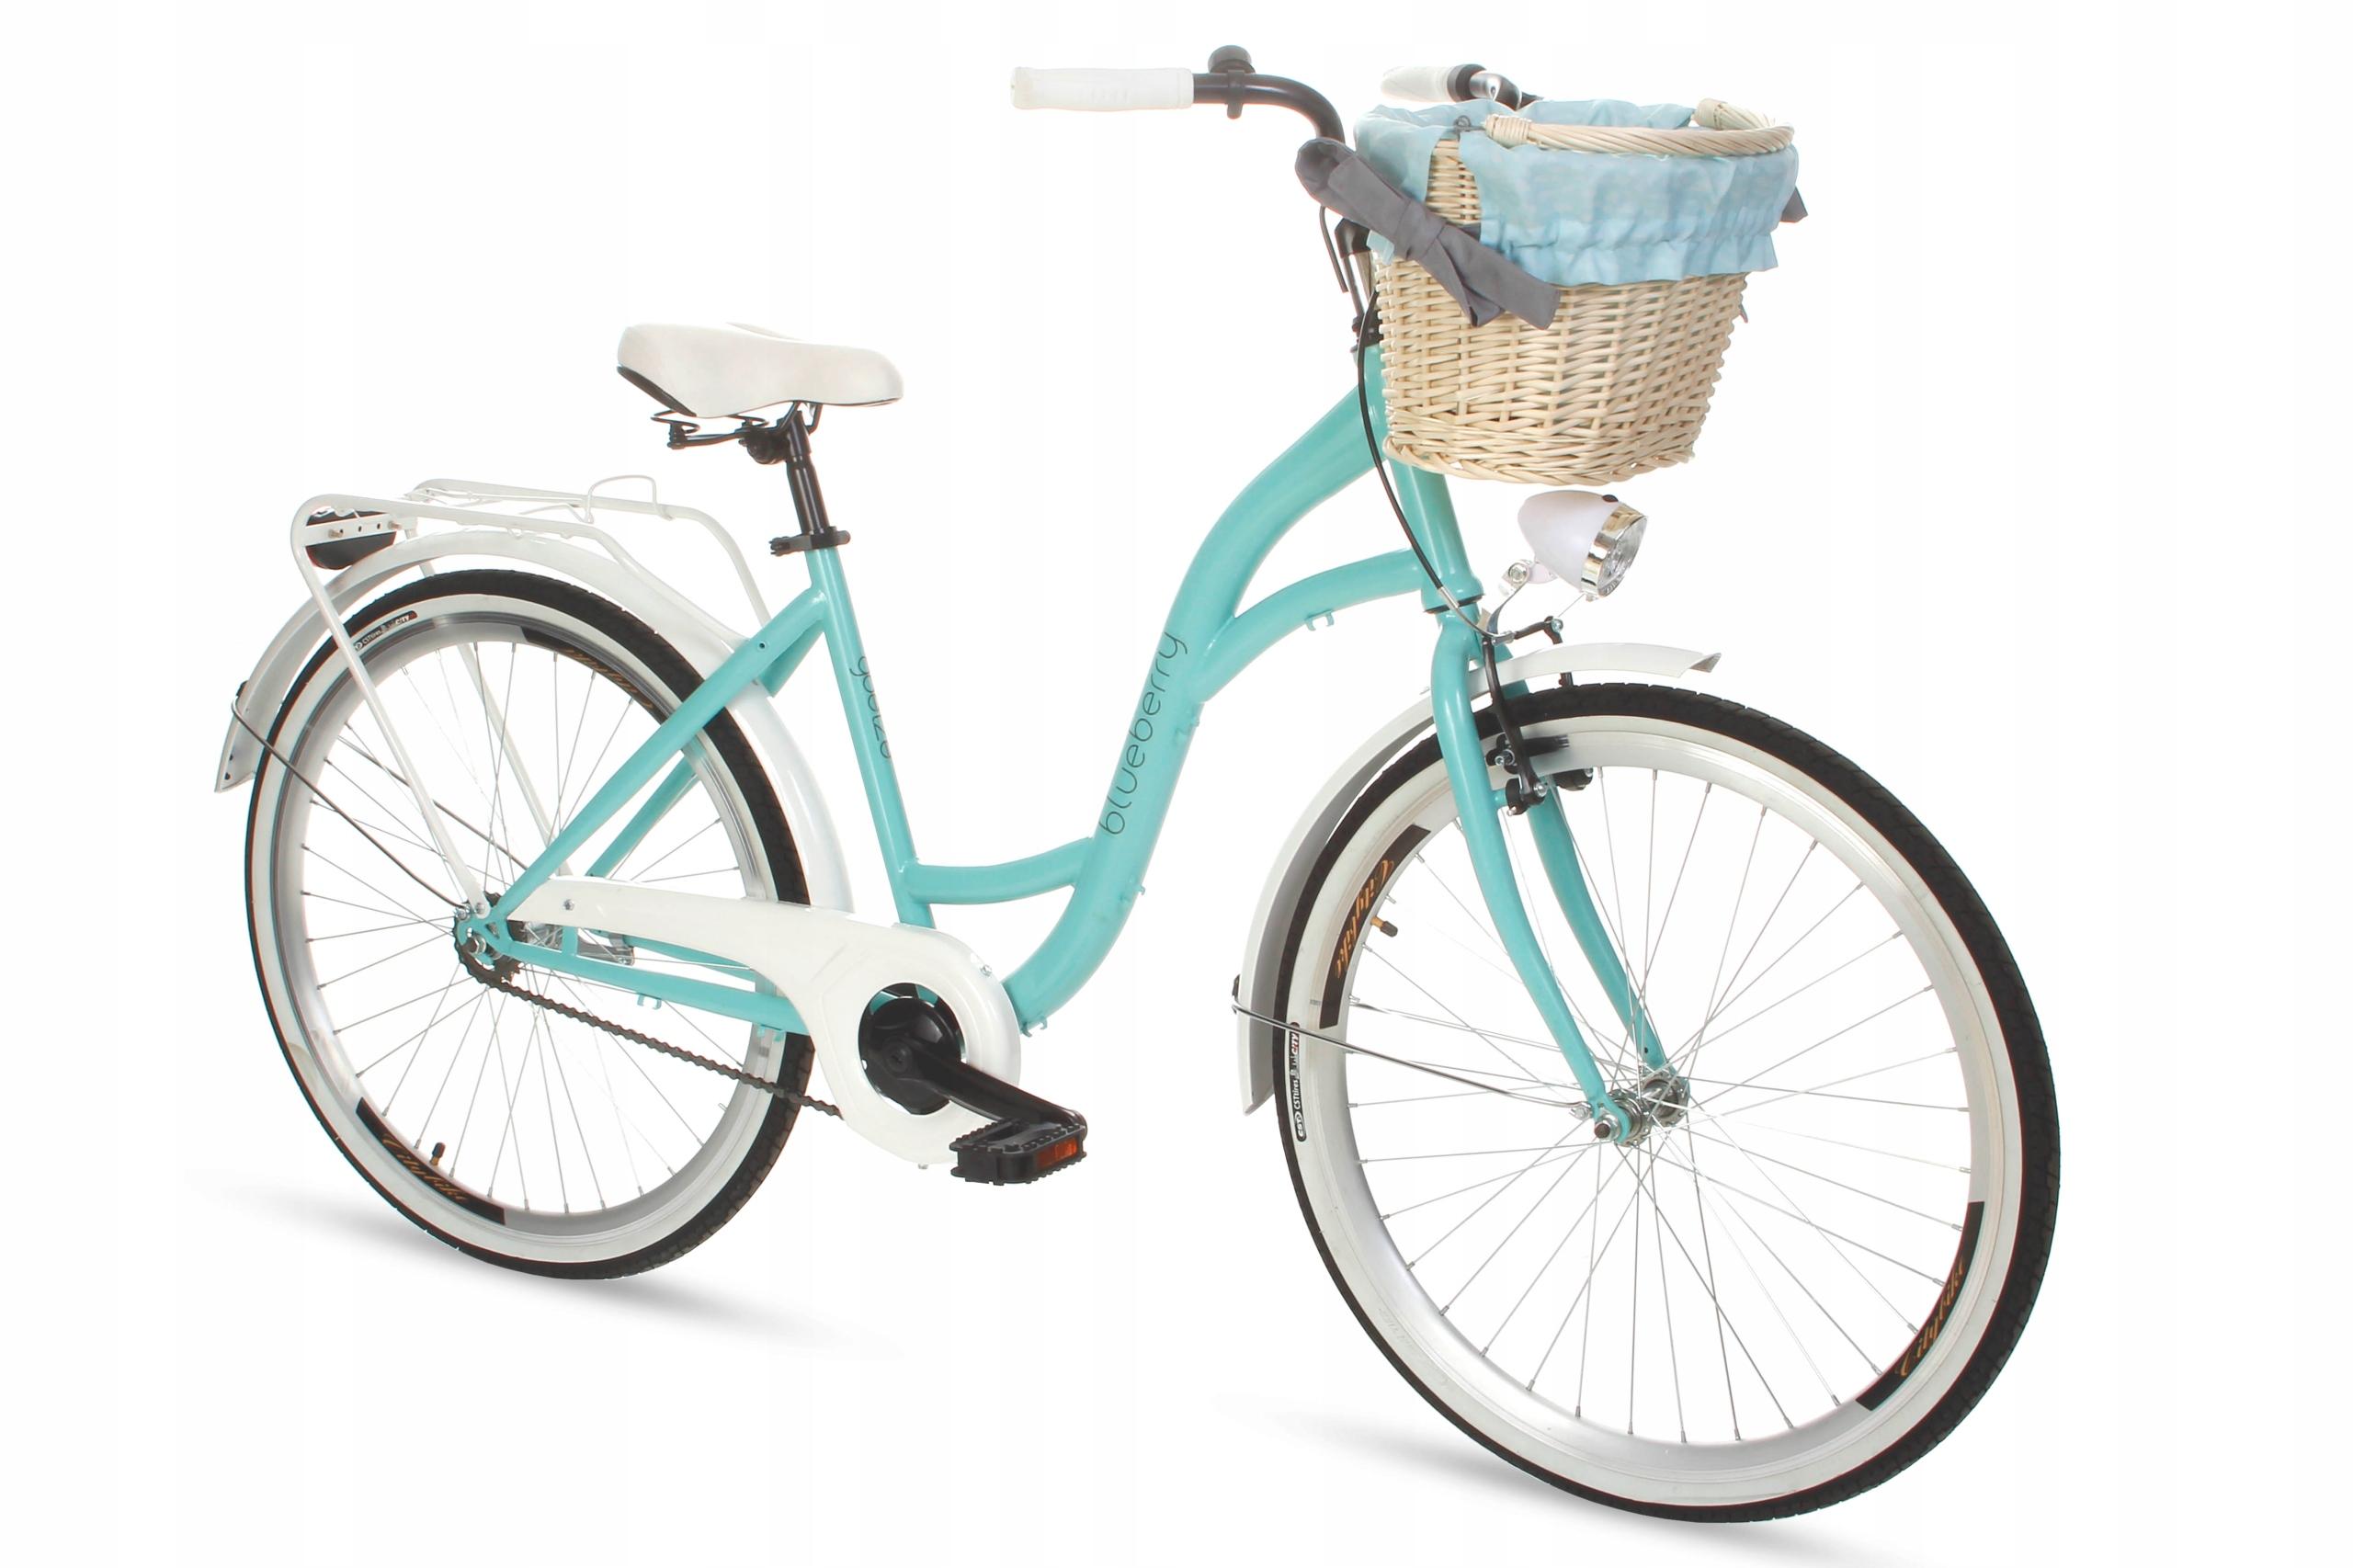 Dámsky mestský bicykel Goetze BLUEBERRY 26 košík!  Čučoriedkový model